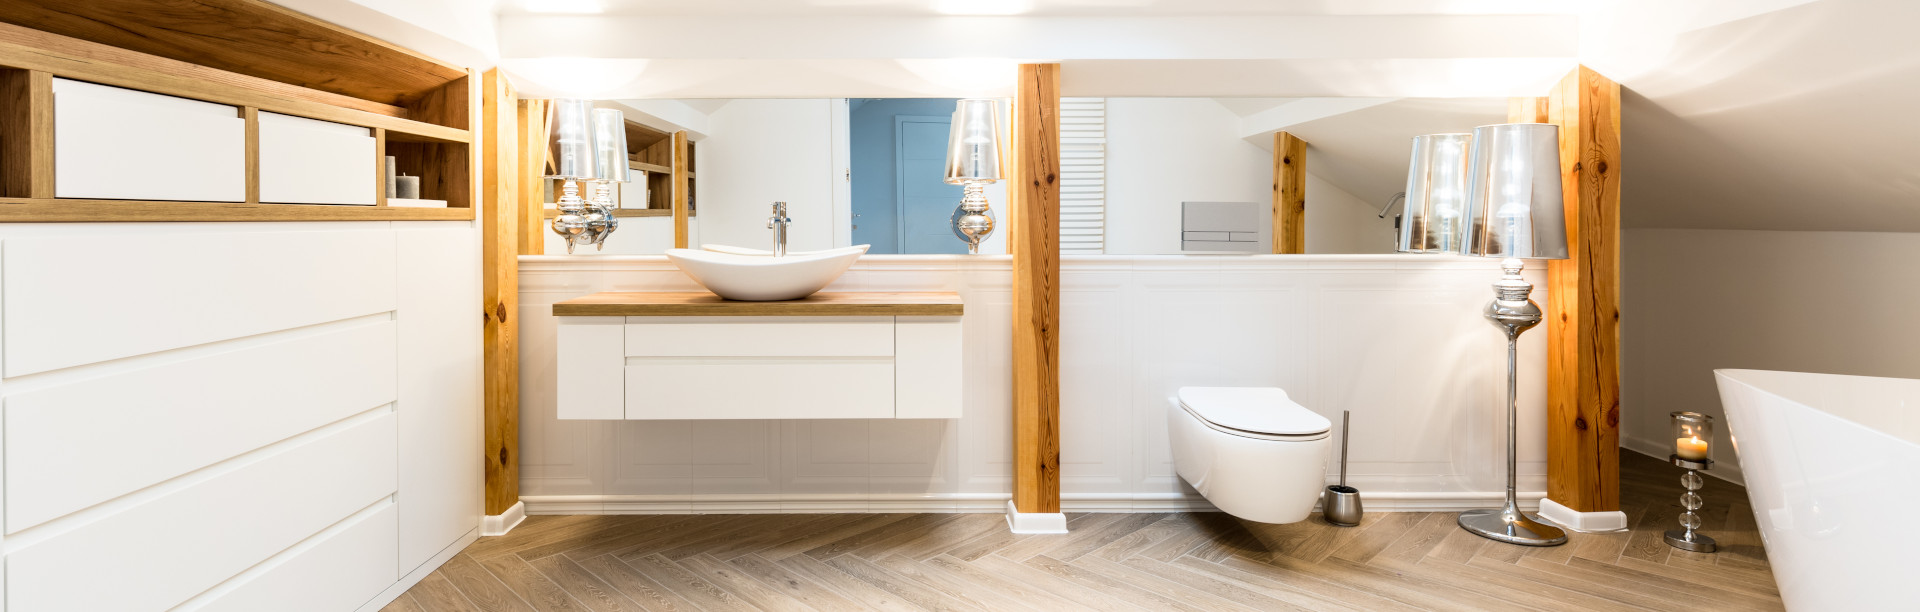 Schrank für Dachschrägen im Badezimmer online planen ...